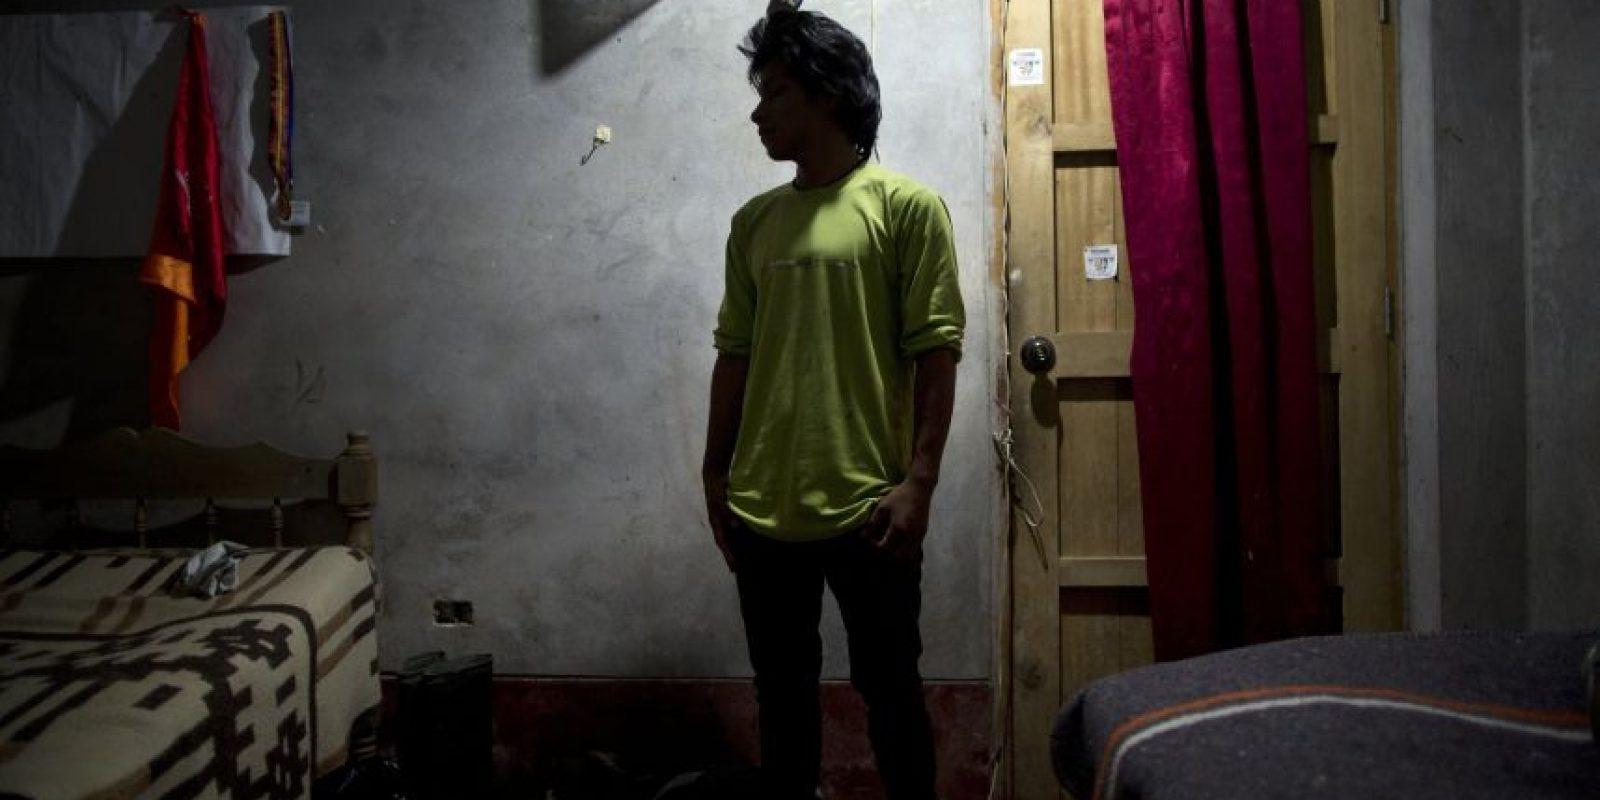 En esta fotografía tomada el 14 de marzo de 2015, Mardonio Borda, de 19 años, posa para una retrato durante una entrevista realizada en el poblado de La Mar, provincia de Ayacucho, Perú. Este indígena quechua que habla un español entrecortado y que completó el sexto grado de educación, es uno de cientos de mochileros que transportan cocaína recorriendo un camino difícil y peligroso por senderos montañosos de Los Andes, que primero fueron abiertos por sus antepasados pre-incas. Foto:AP Foto/Rodrigo Abd